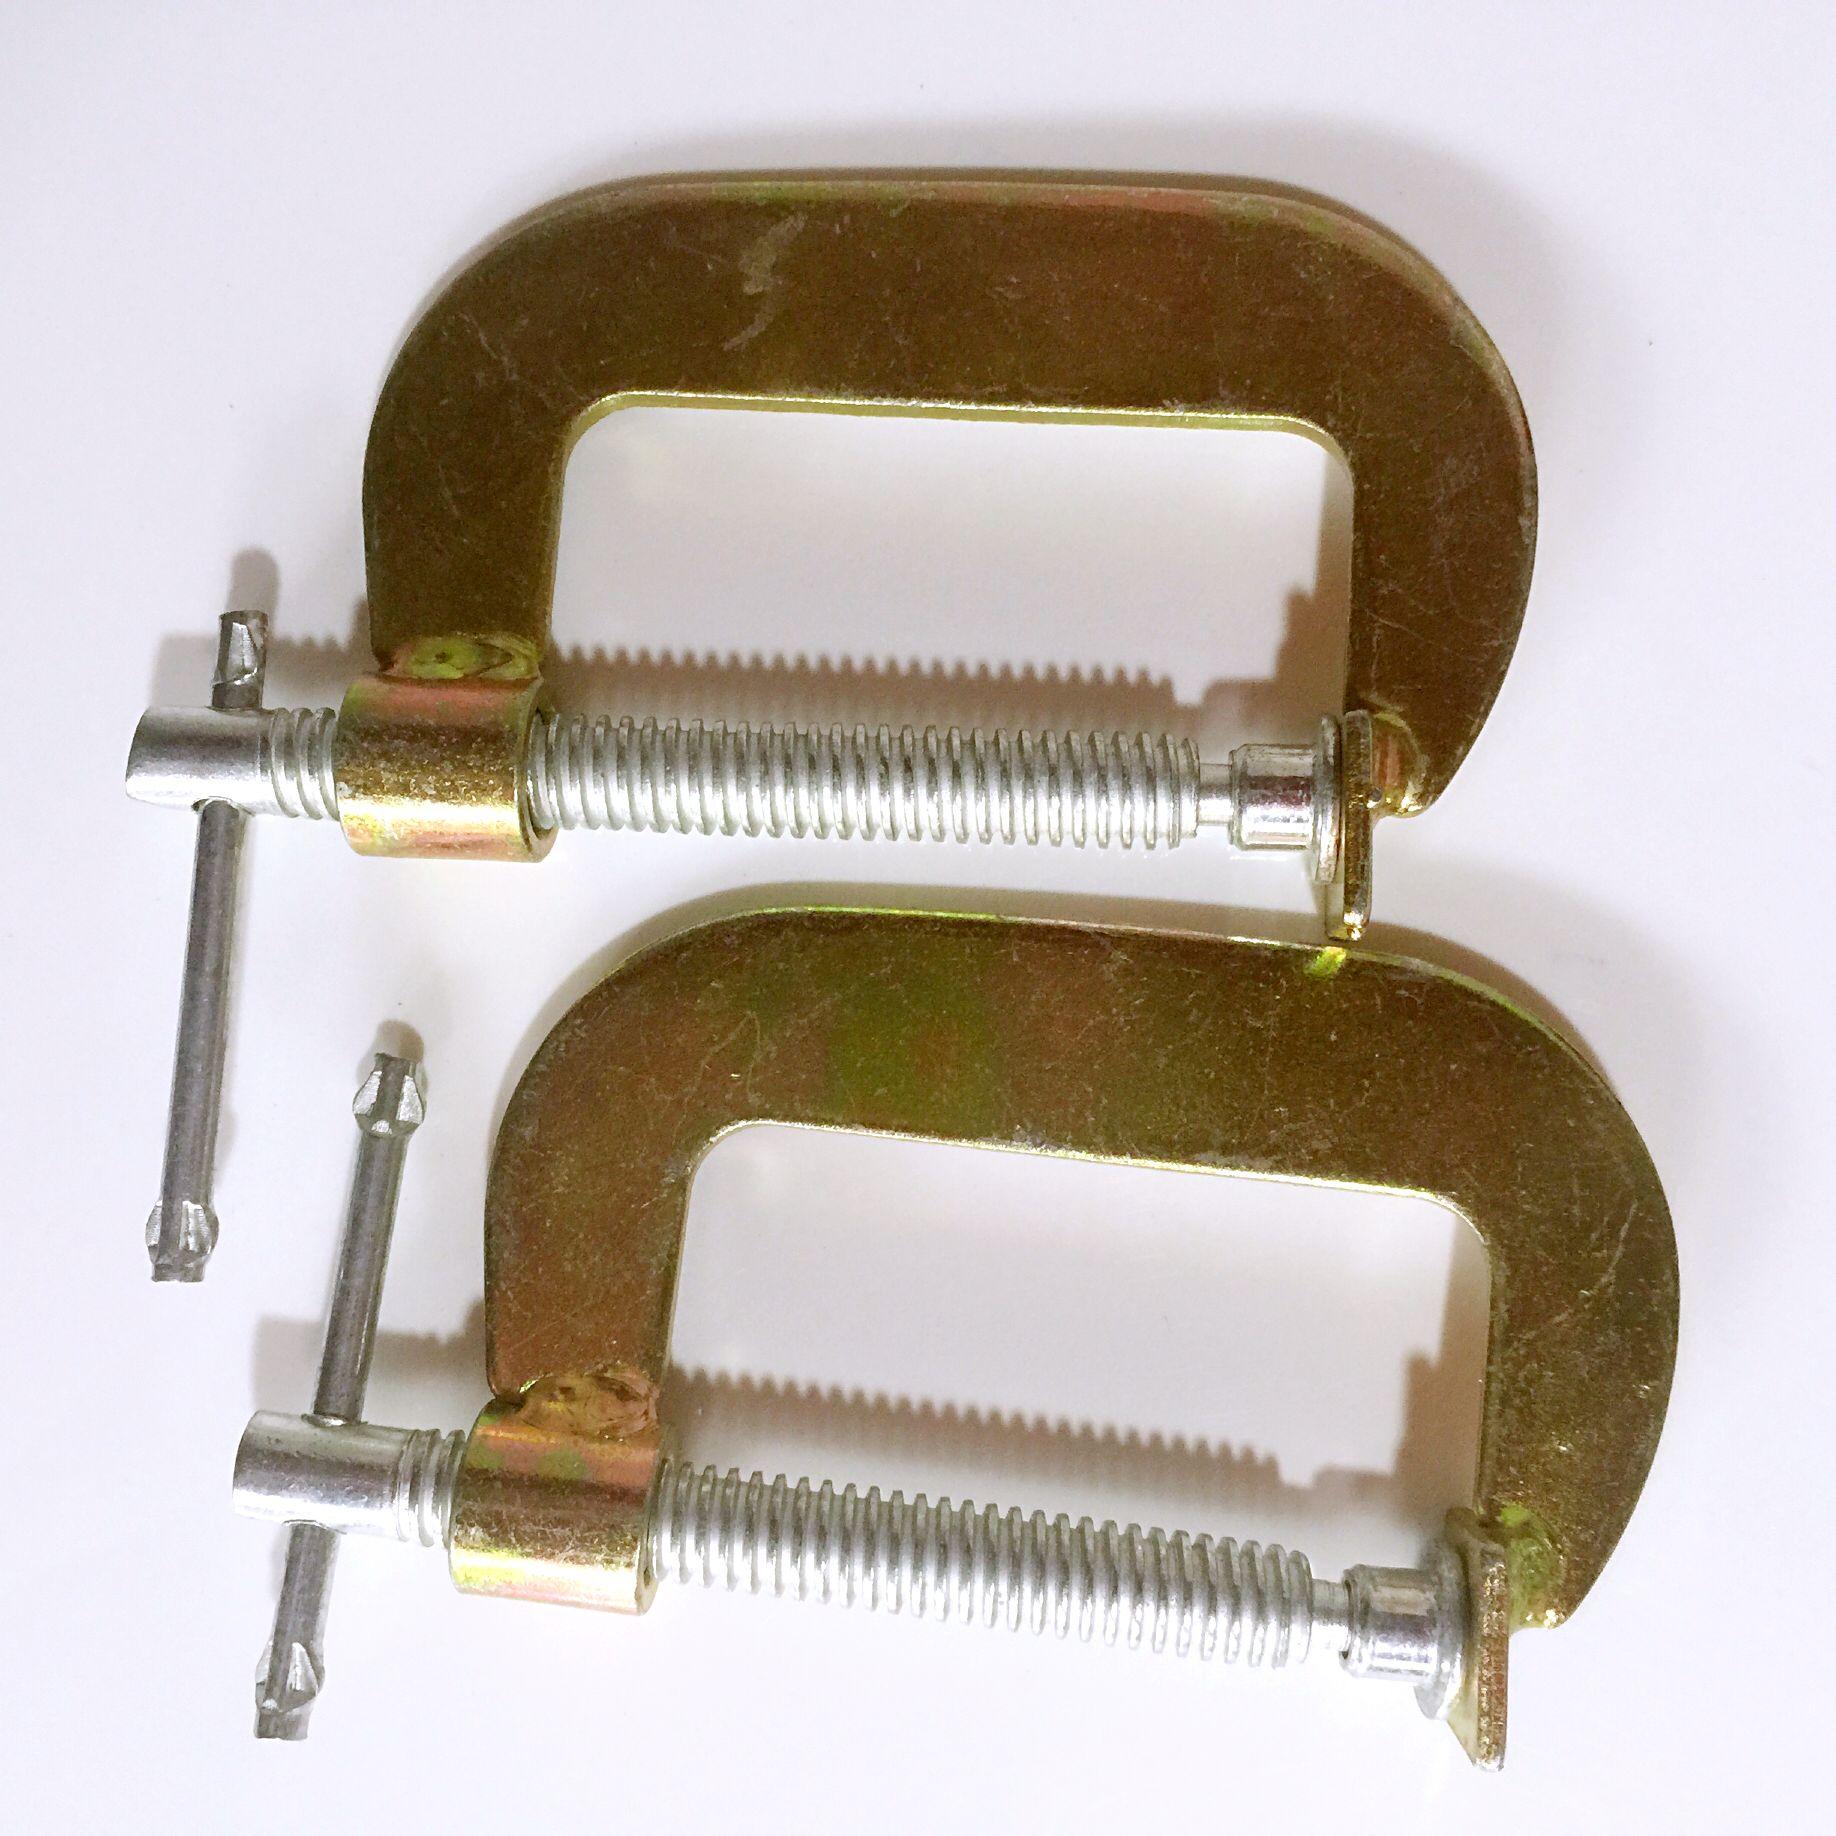 G字夹木工夹固定夹c型夹具3寸4寸5寸6寸g型摇杆夹子包邮石材夹子